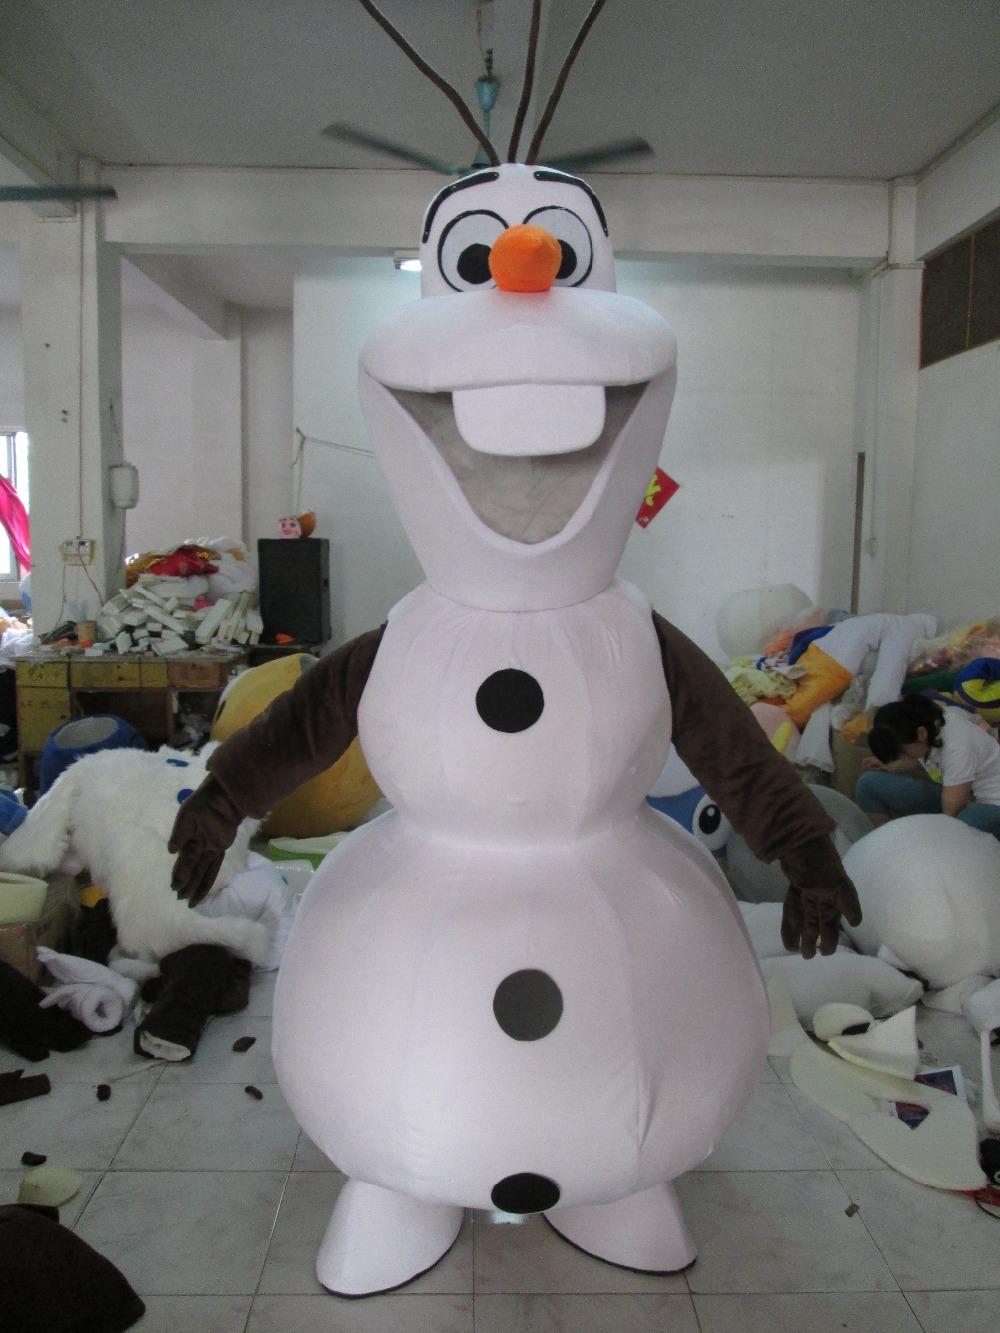 Costume bonhomme de neige olaf reine des neiges cosplay - Reine des neige olaf ...